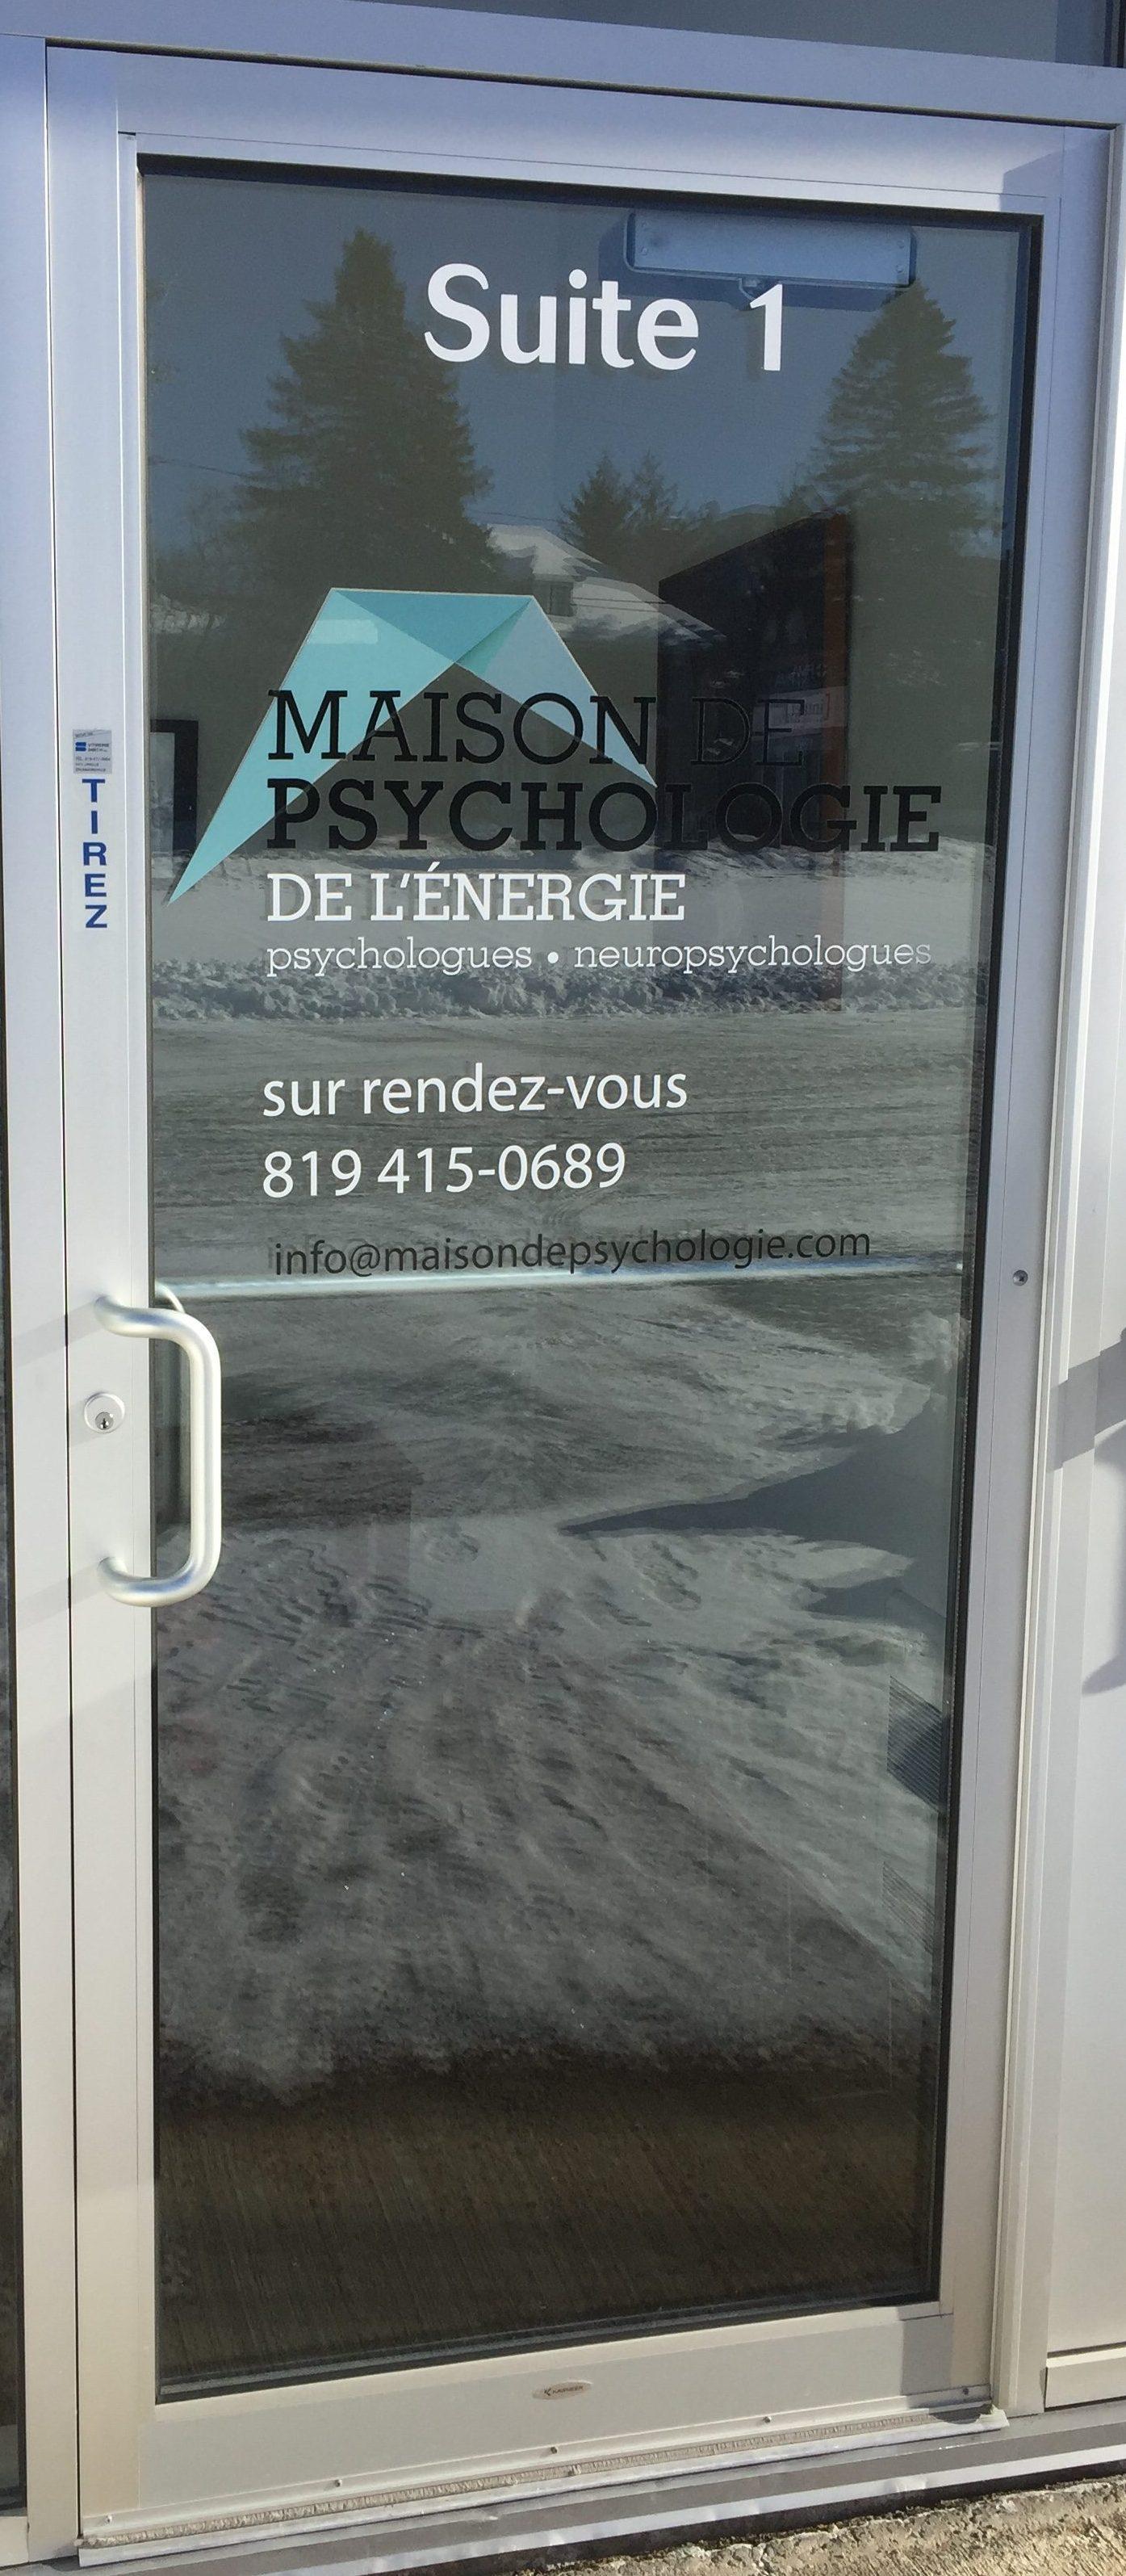 Maison de Psychologie